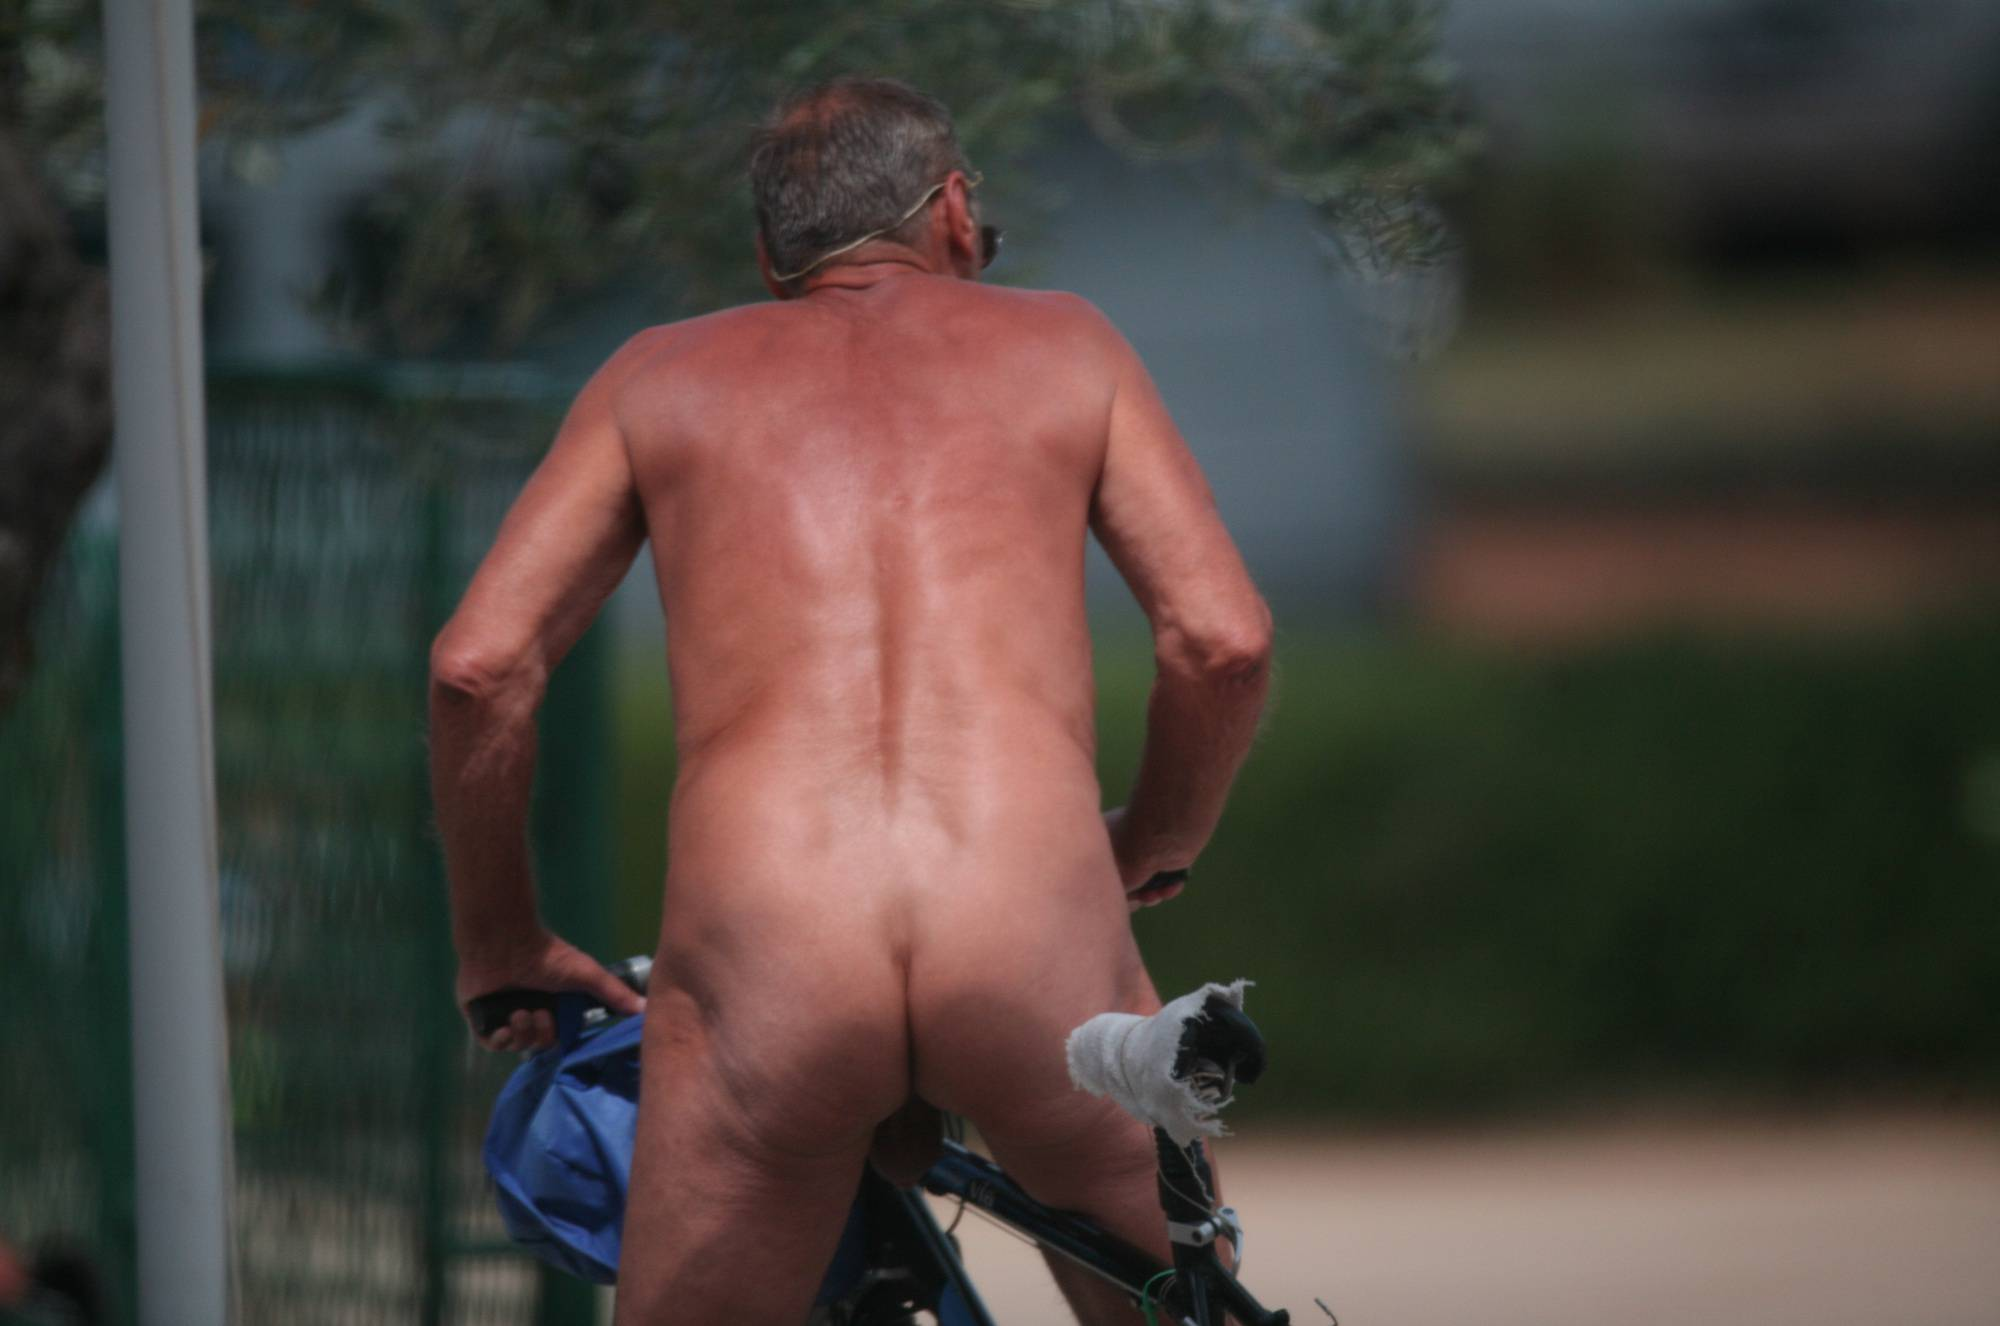 Nude Club Outdoor Biking - 3